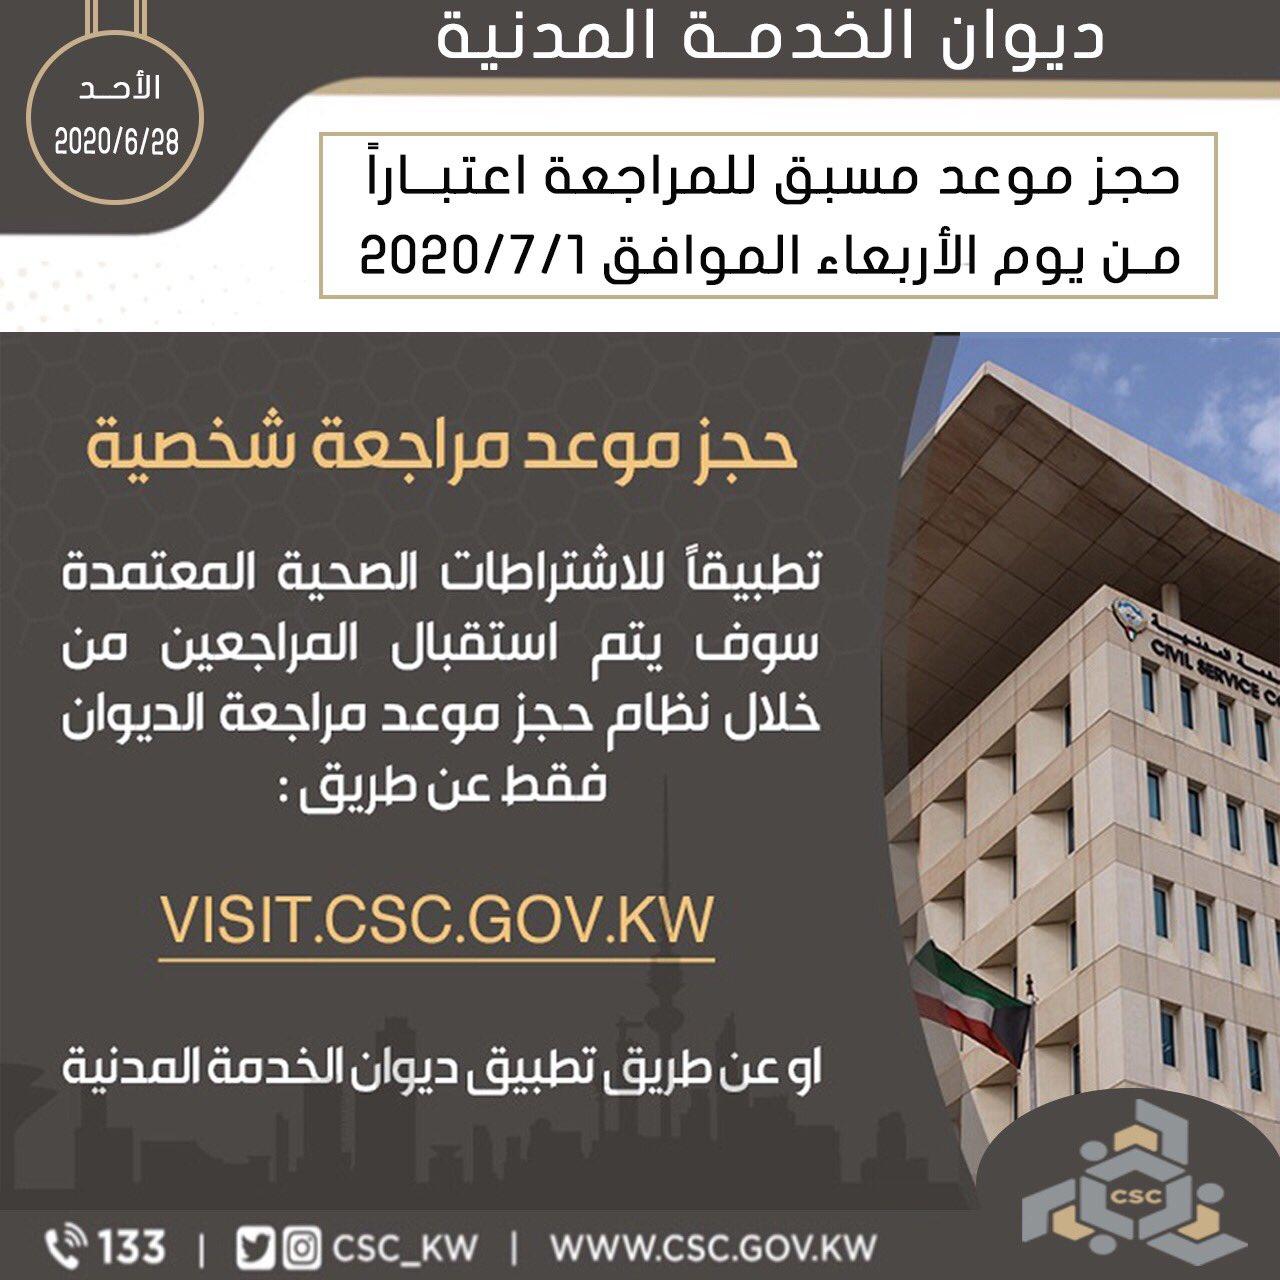 حجز موعد ديوان الخدمة المدنية بالكويت